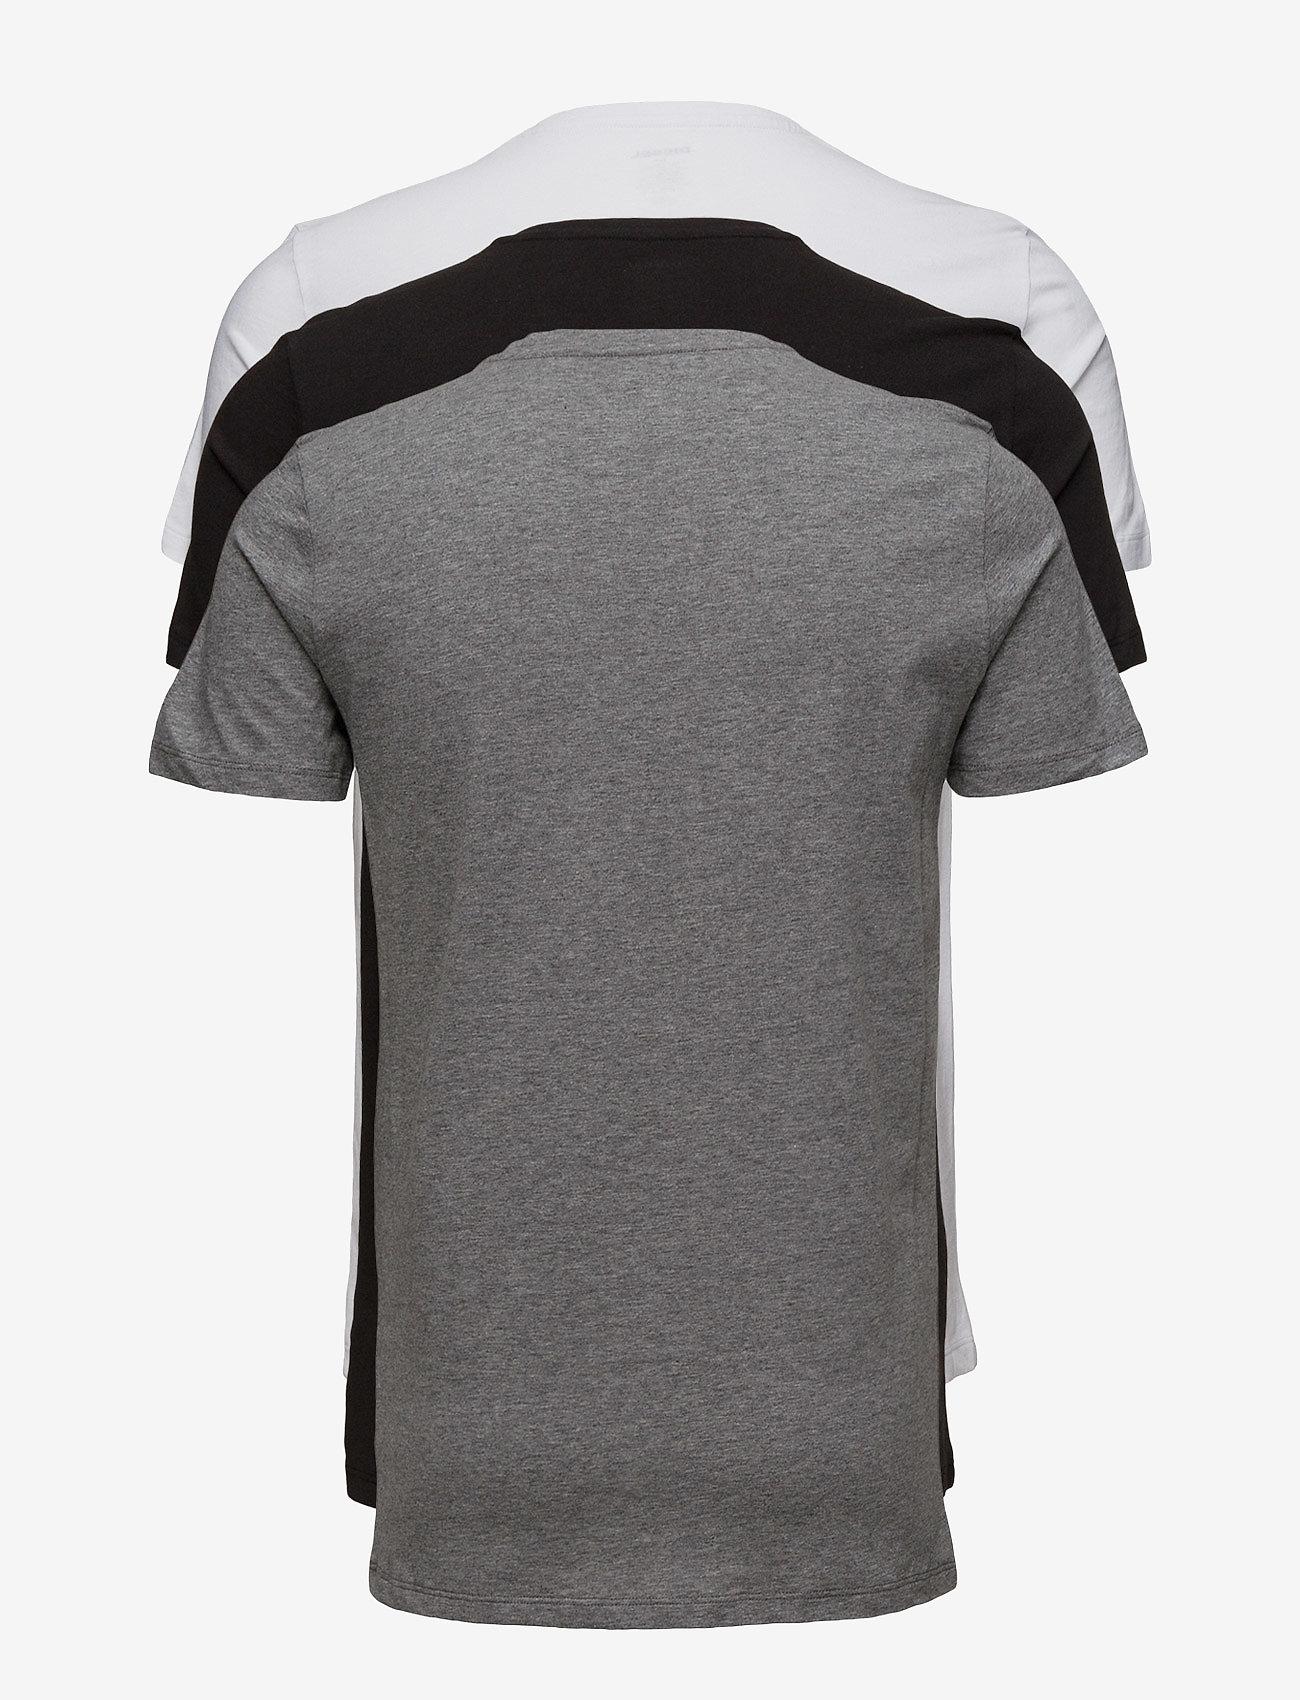 Diesel Men - UMTEE-JAKETHREEPACK  T-SHIRT - multipack - black/white - 1